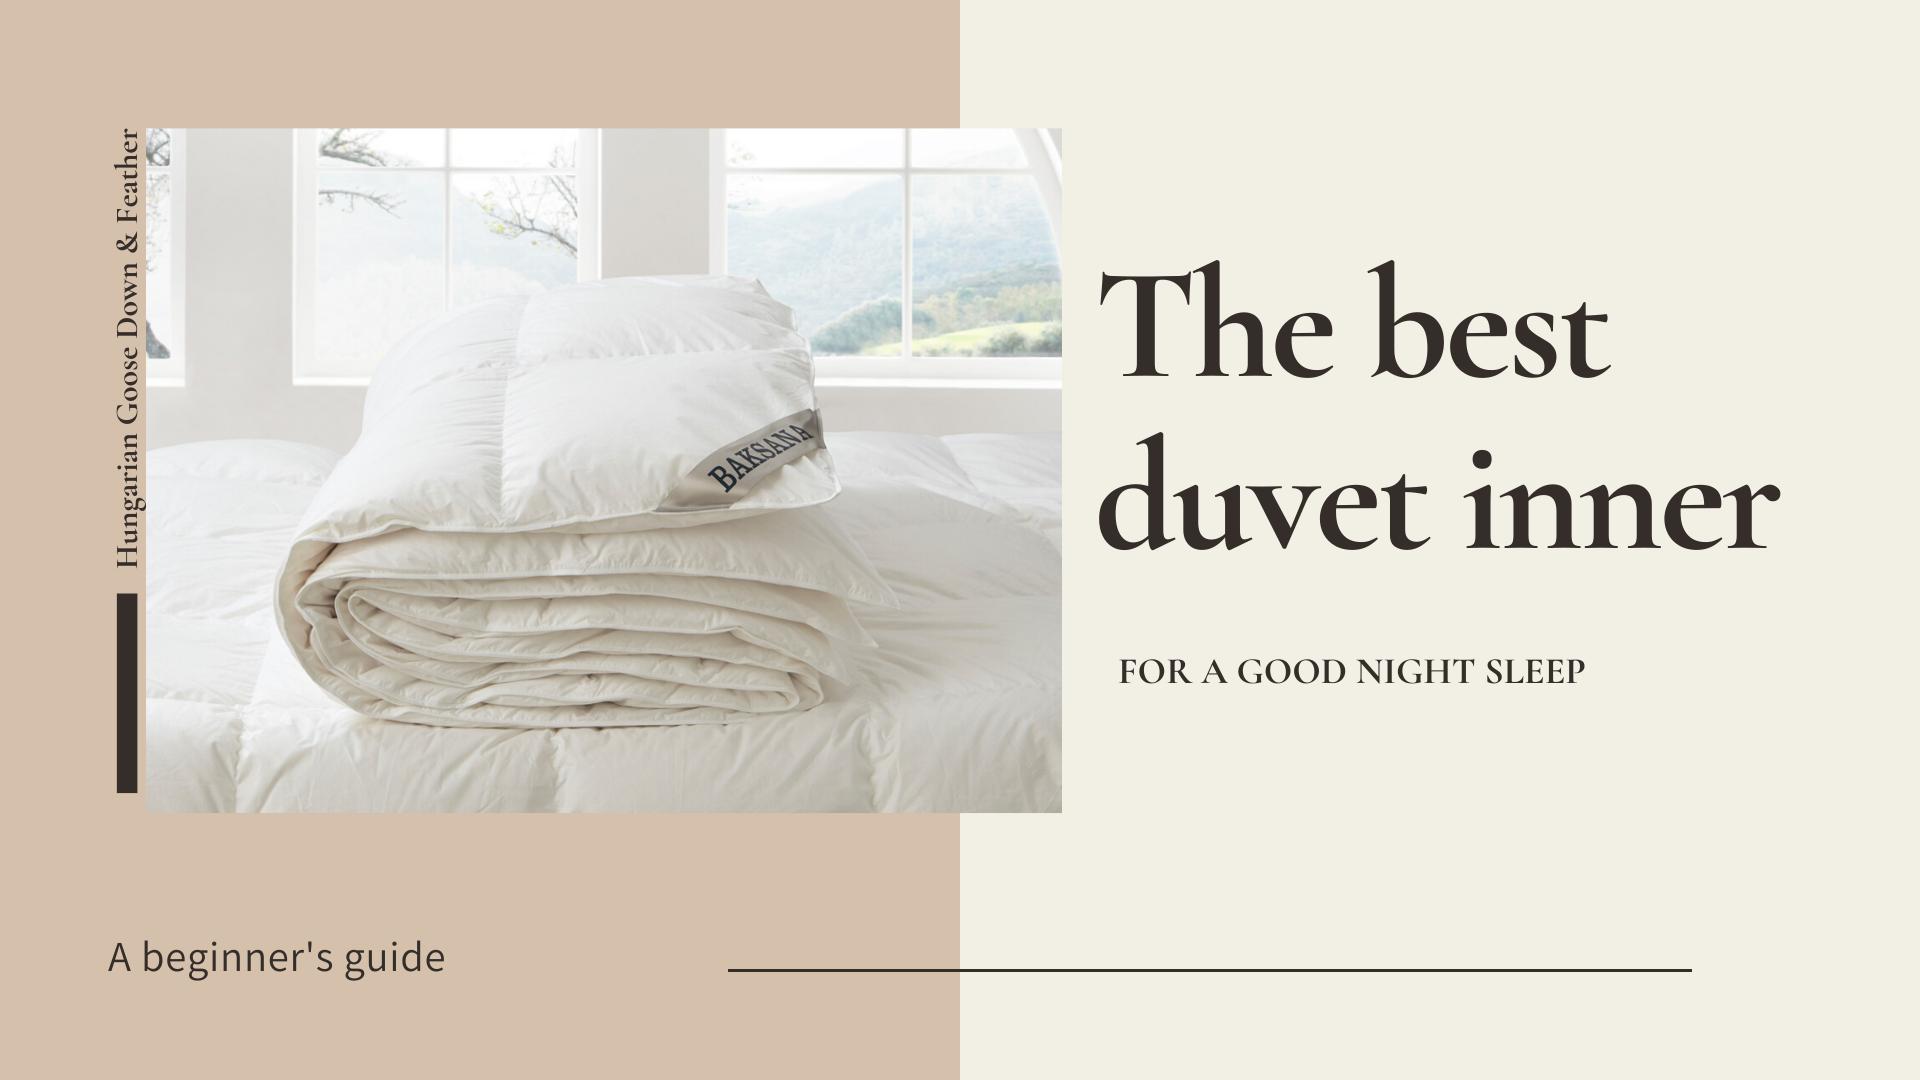 The Best Duvet Inner for a Good Night Sleep